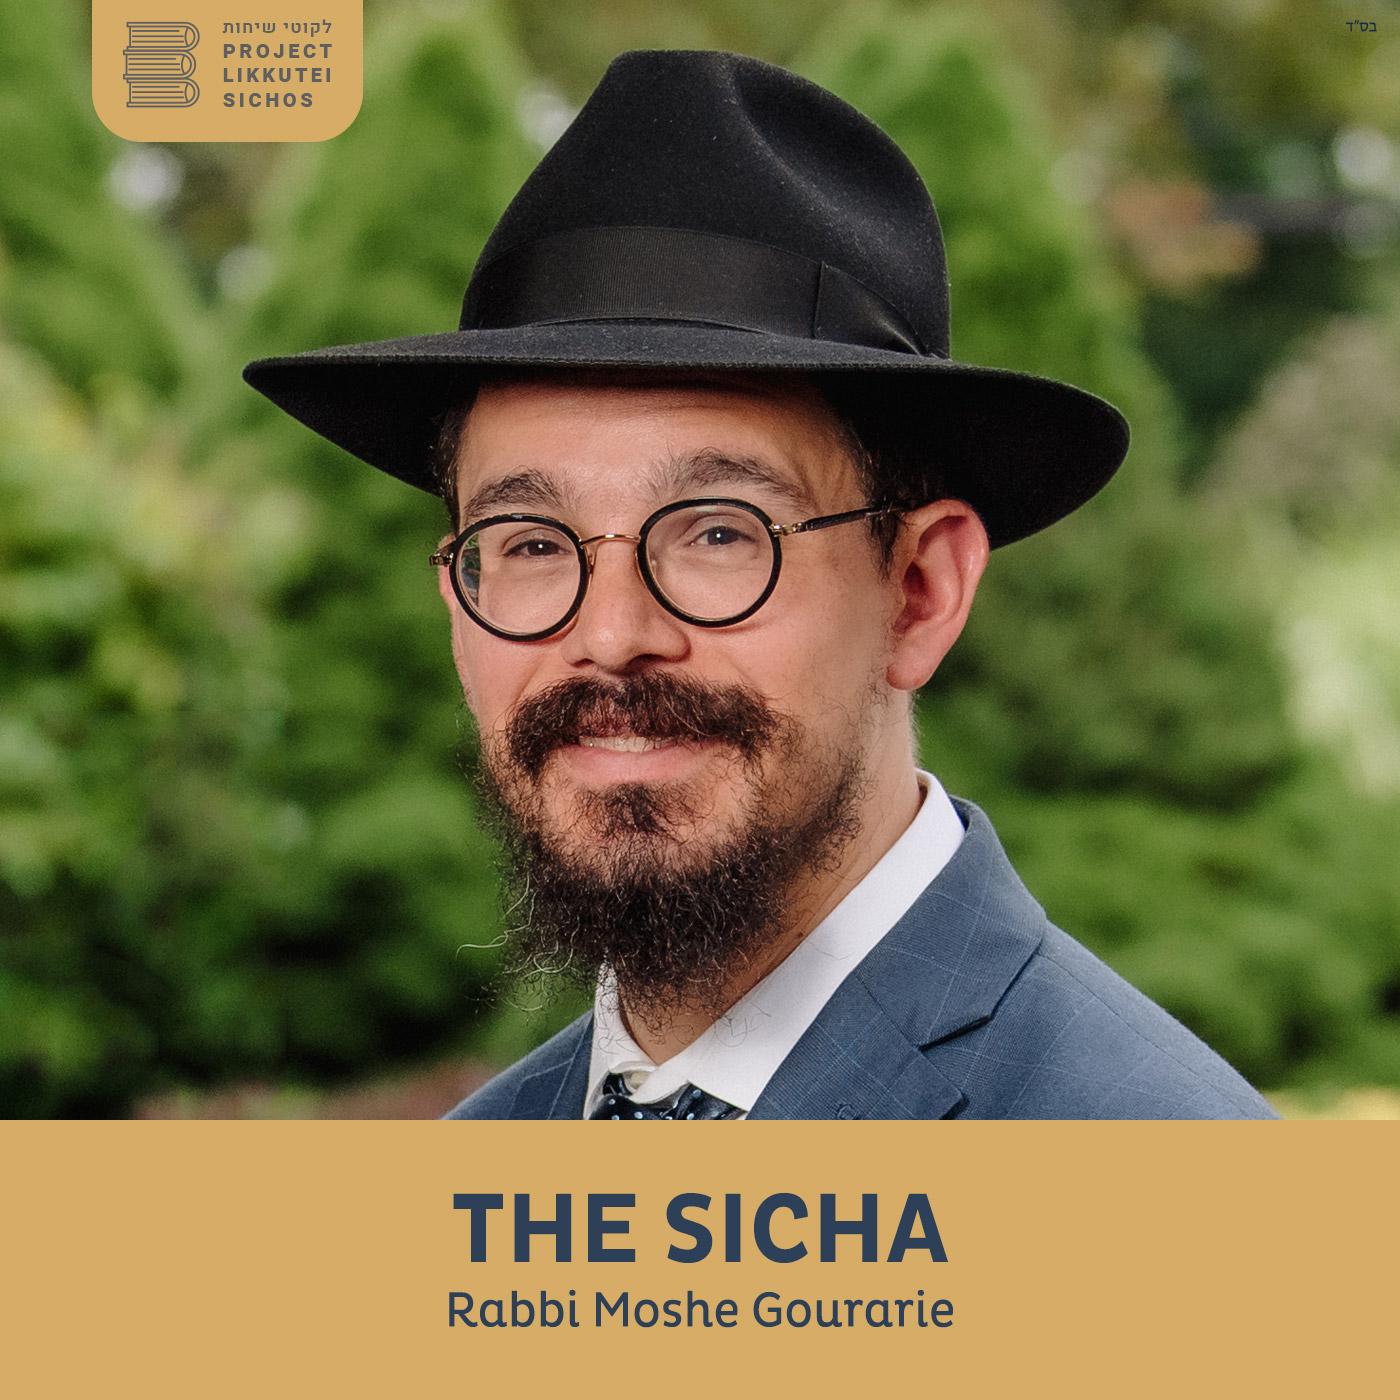 Artwork for podcast The Sicha, Rabbi Moshe Gourarie